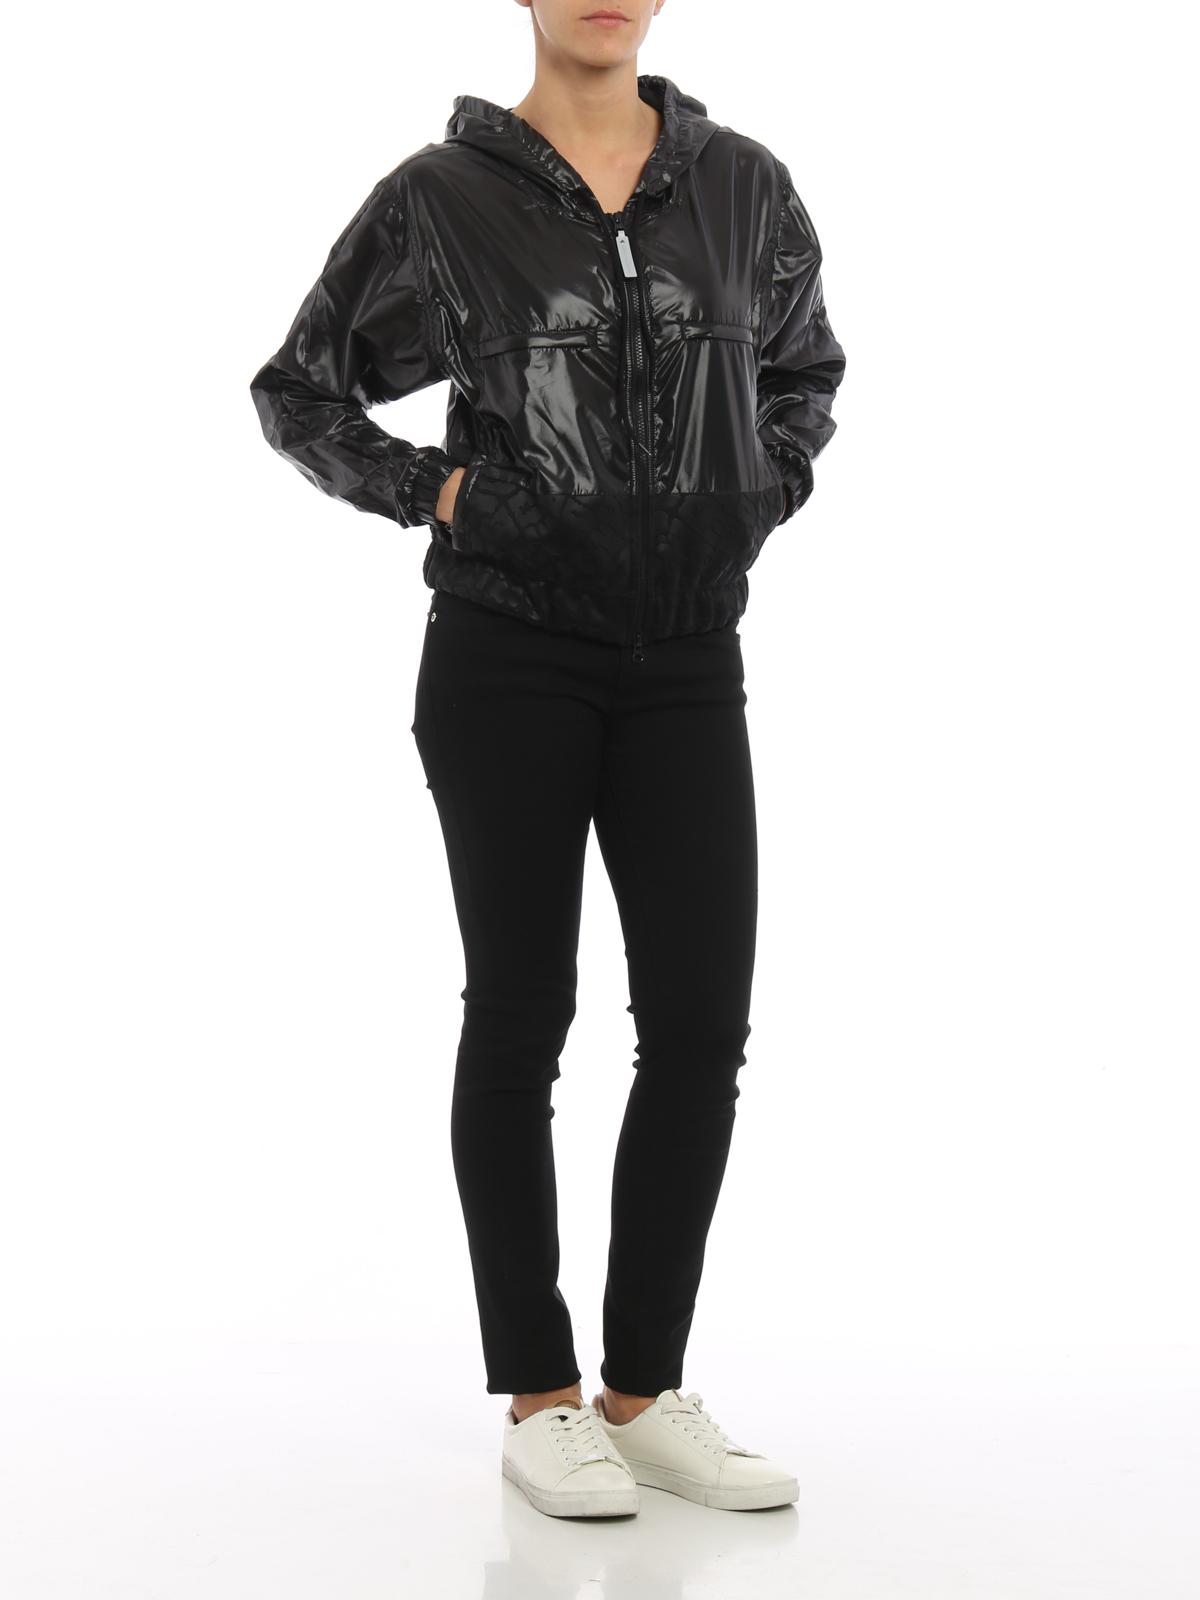 6bb578e32f Adidas by Stella McCartney - Veste Casual Noir Pour Femme - Vestes ...